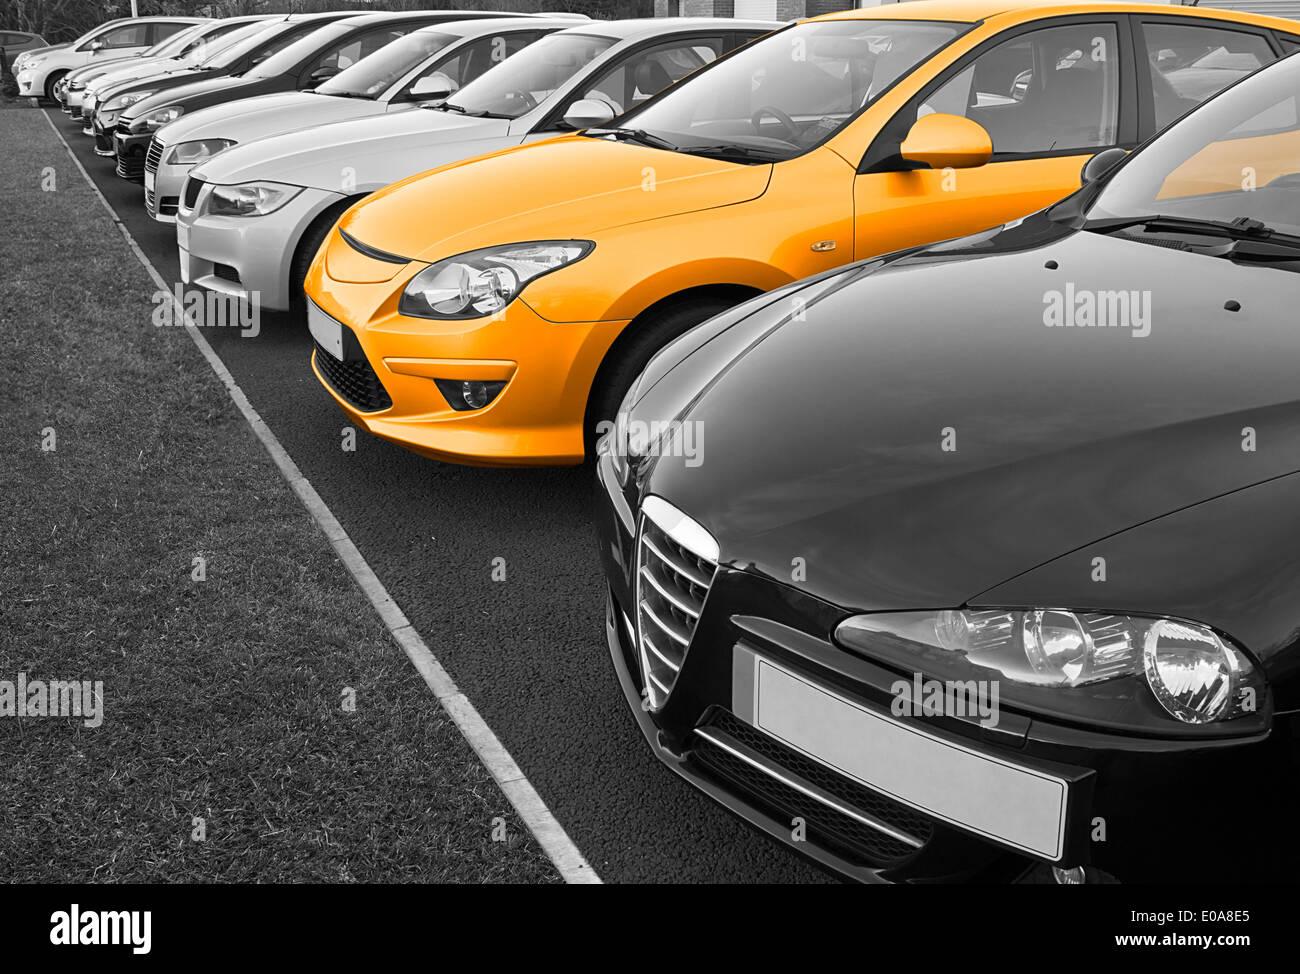 Fila de coches usados para la venta en fila con una en color, gran concepto de la elección del vehículo perfecto para comprar. Imagen De Stock